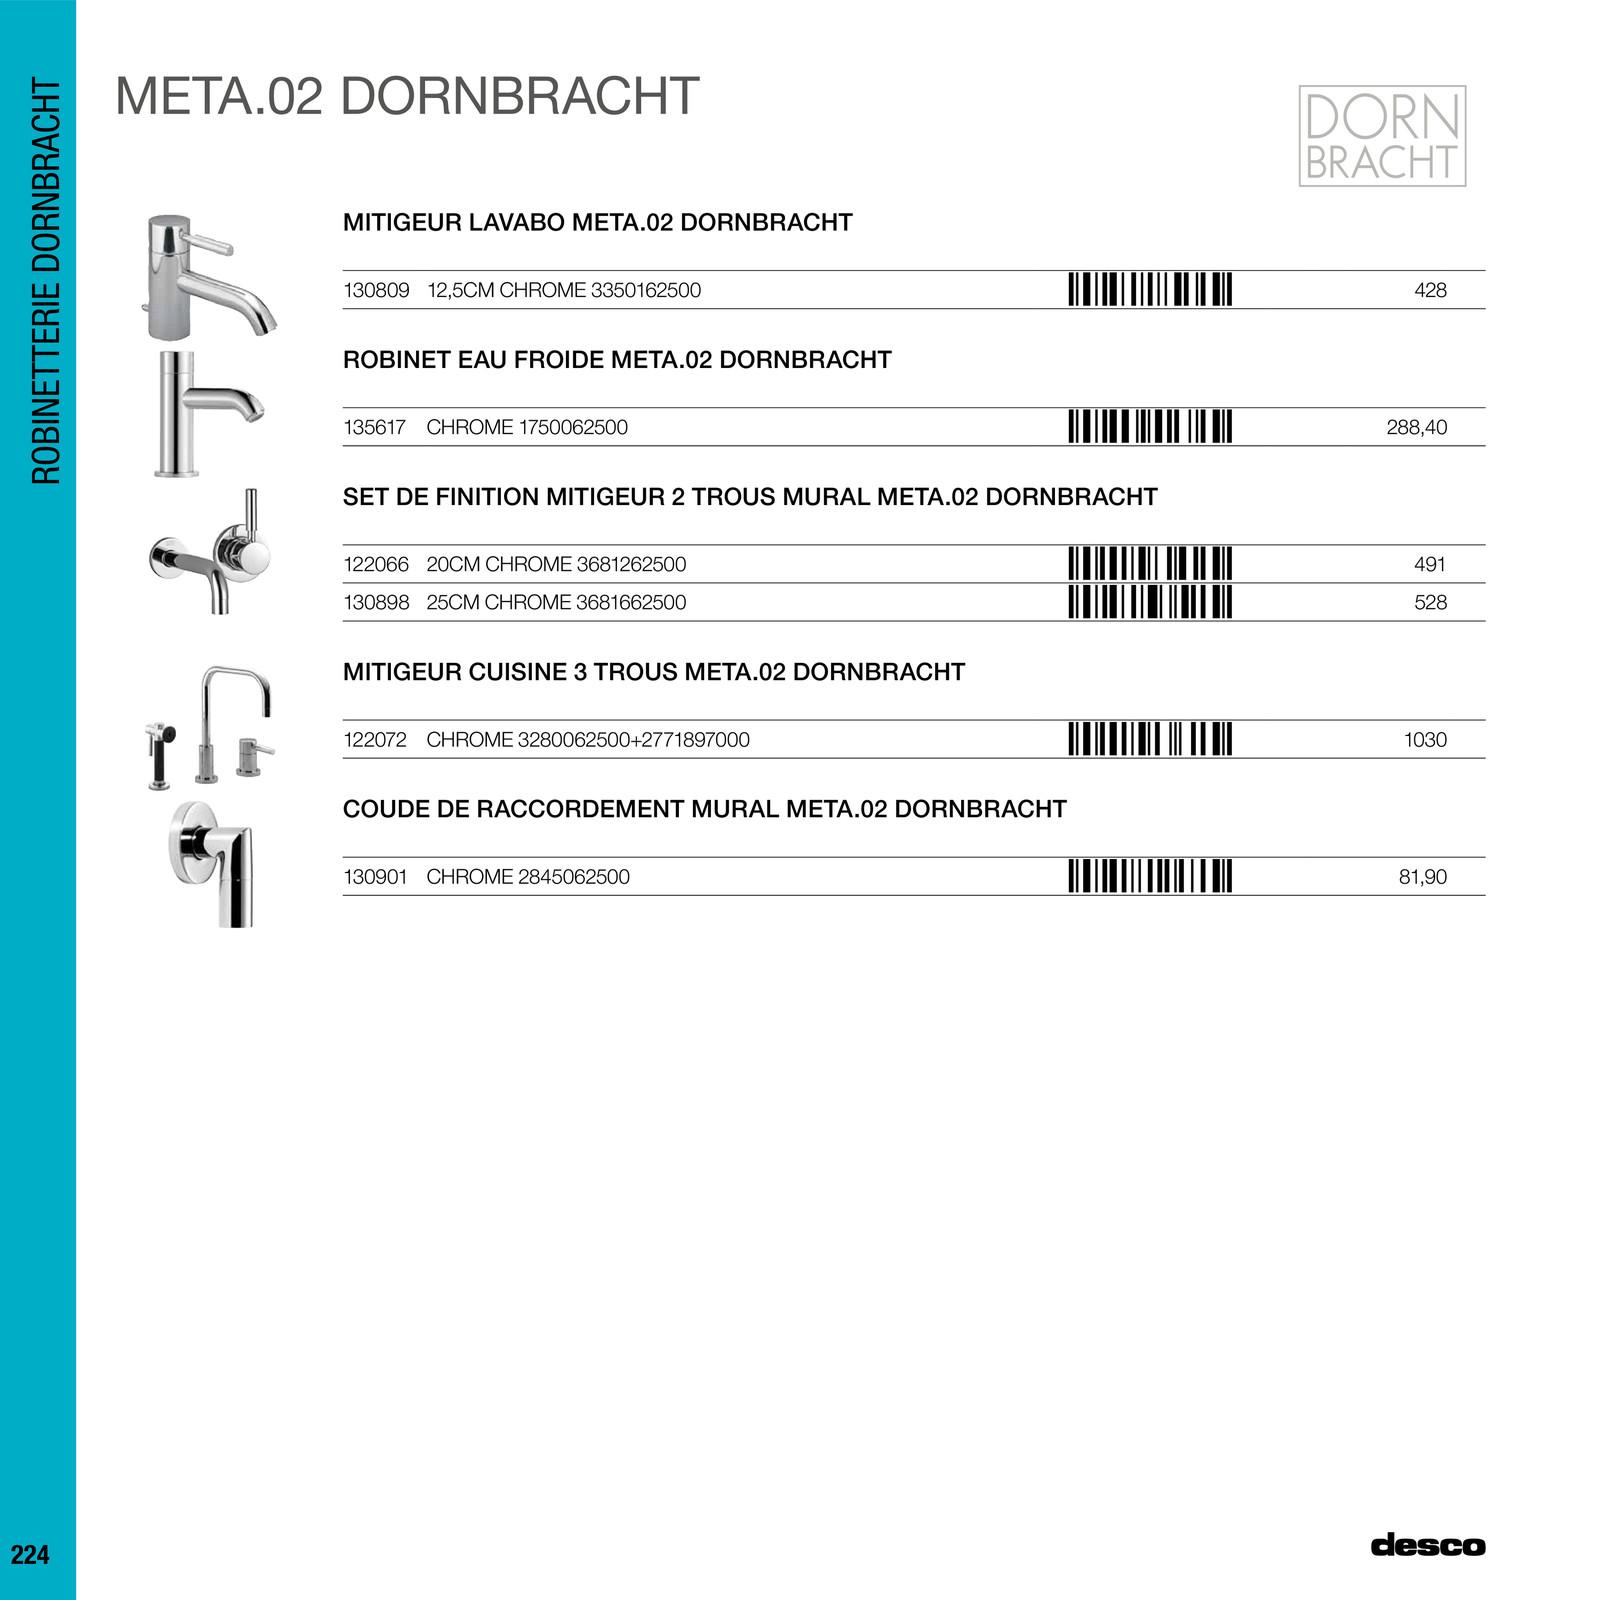 desco lmp tarif sanitaire eau chaude page 226 227. Black Bedroom Furniture Sets. Home Design Ideas